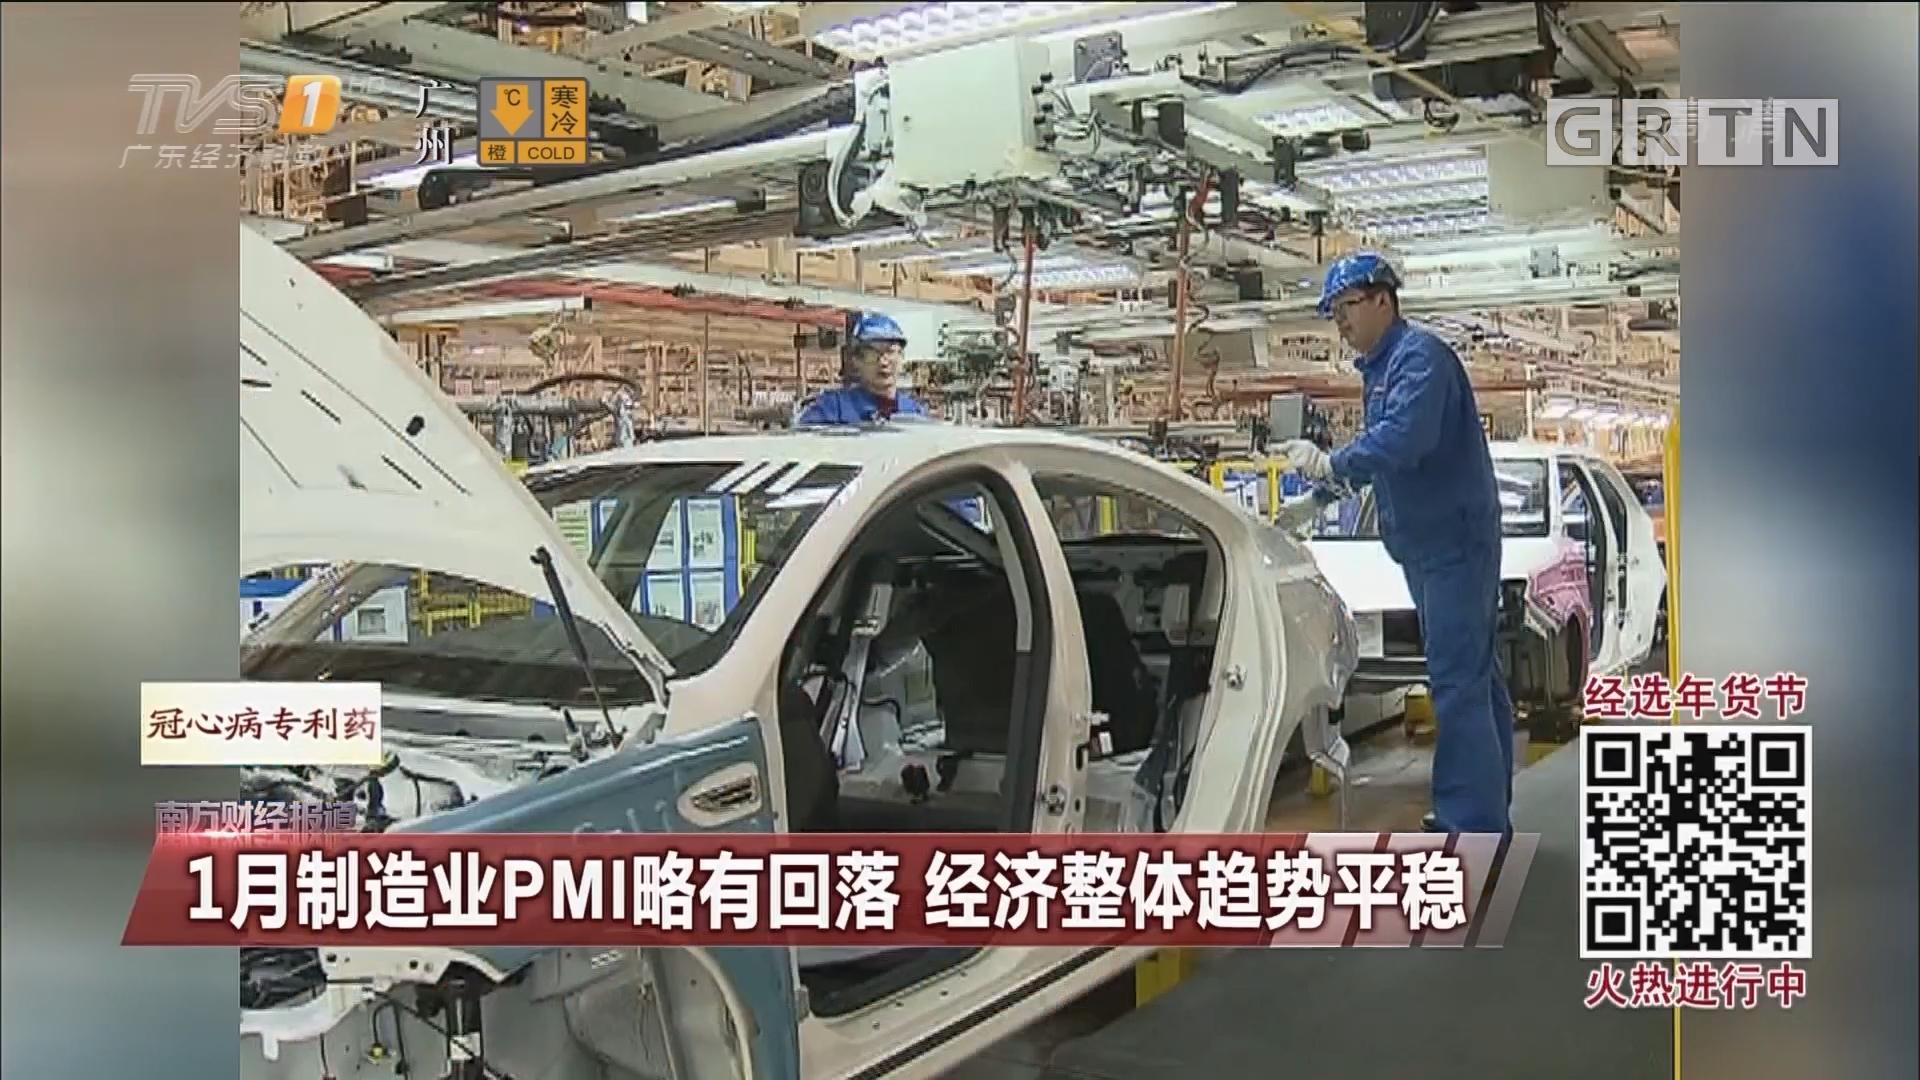 1月制造业PMI略有回落 经济整体趋势平稳